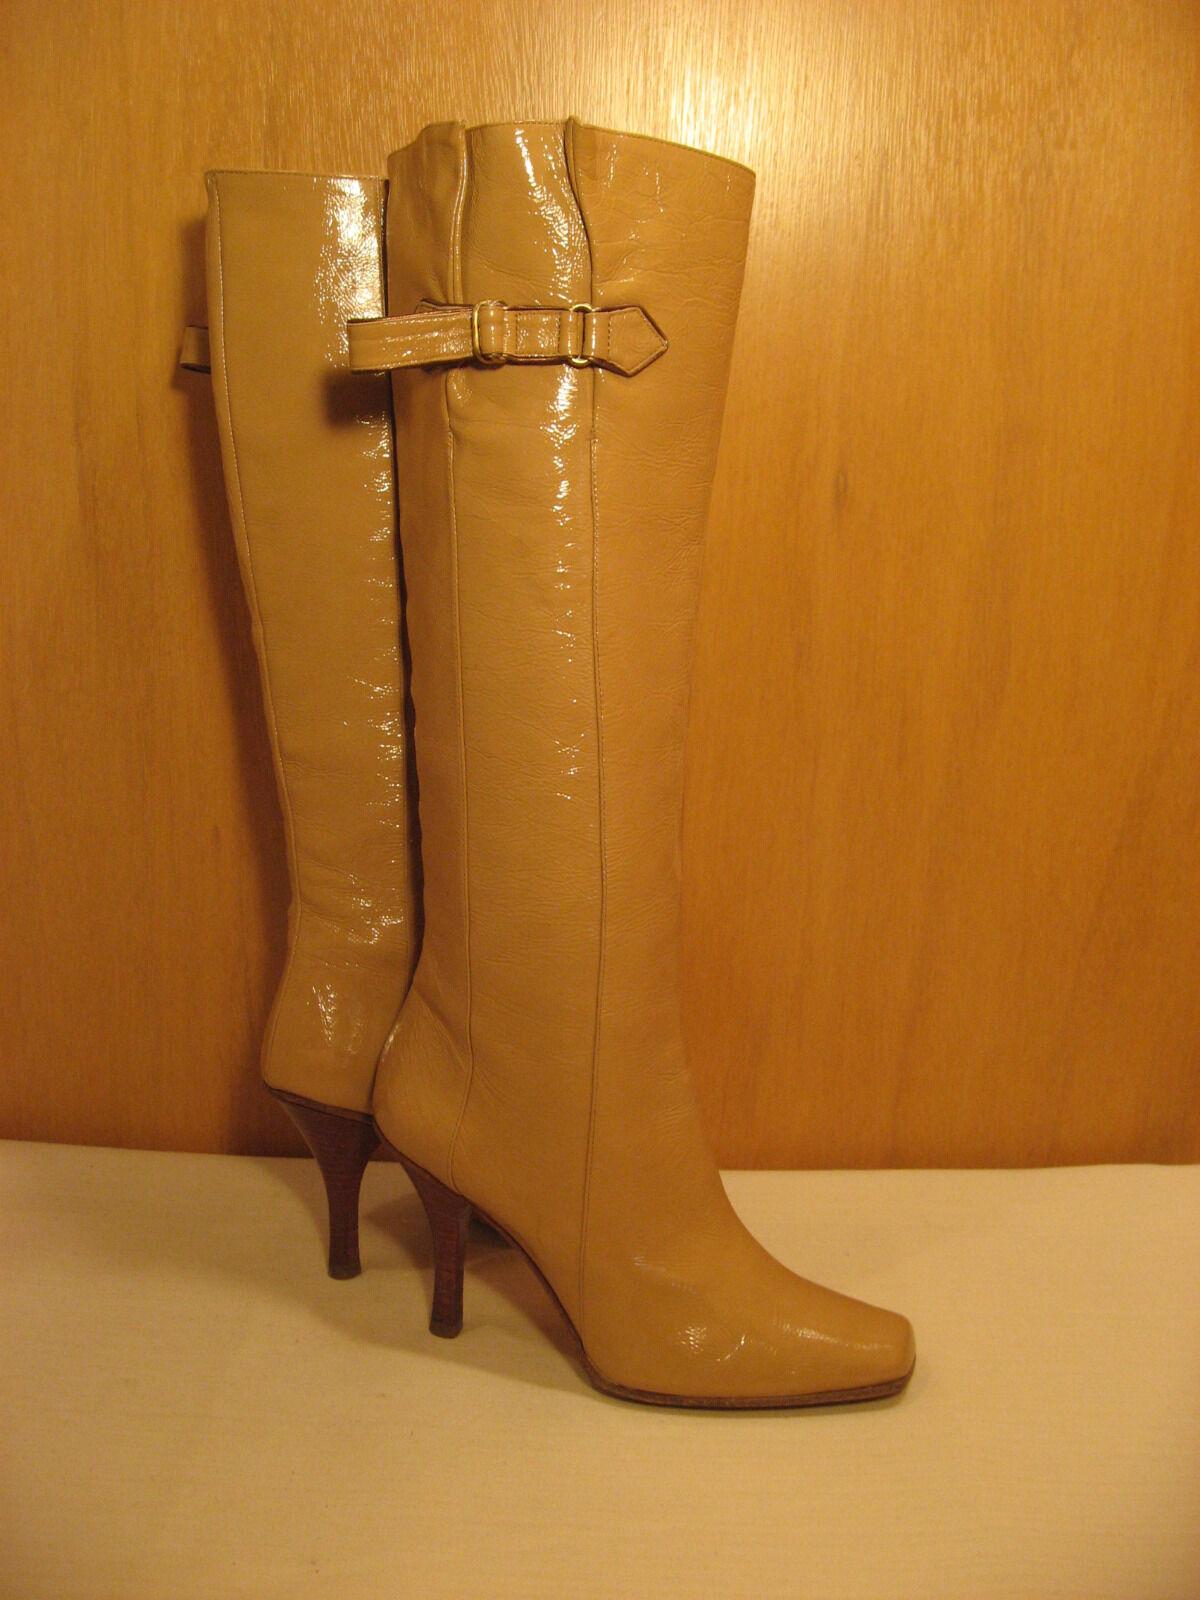 JMMY CHOO Tall Knee High Tan läder stövlar stövlar stövlar med spännen - Storlek 36 eller 6  kvalitetsprodukt